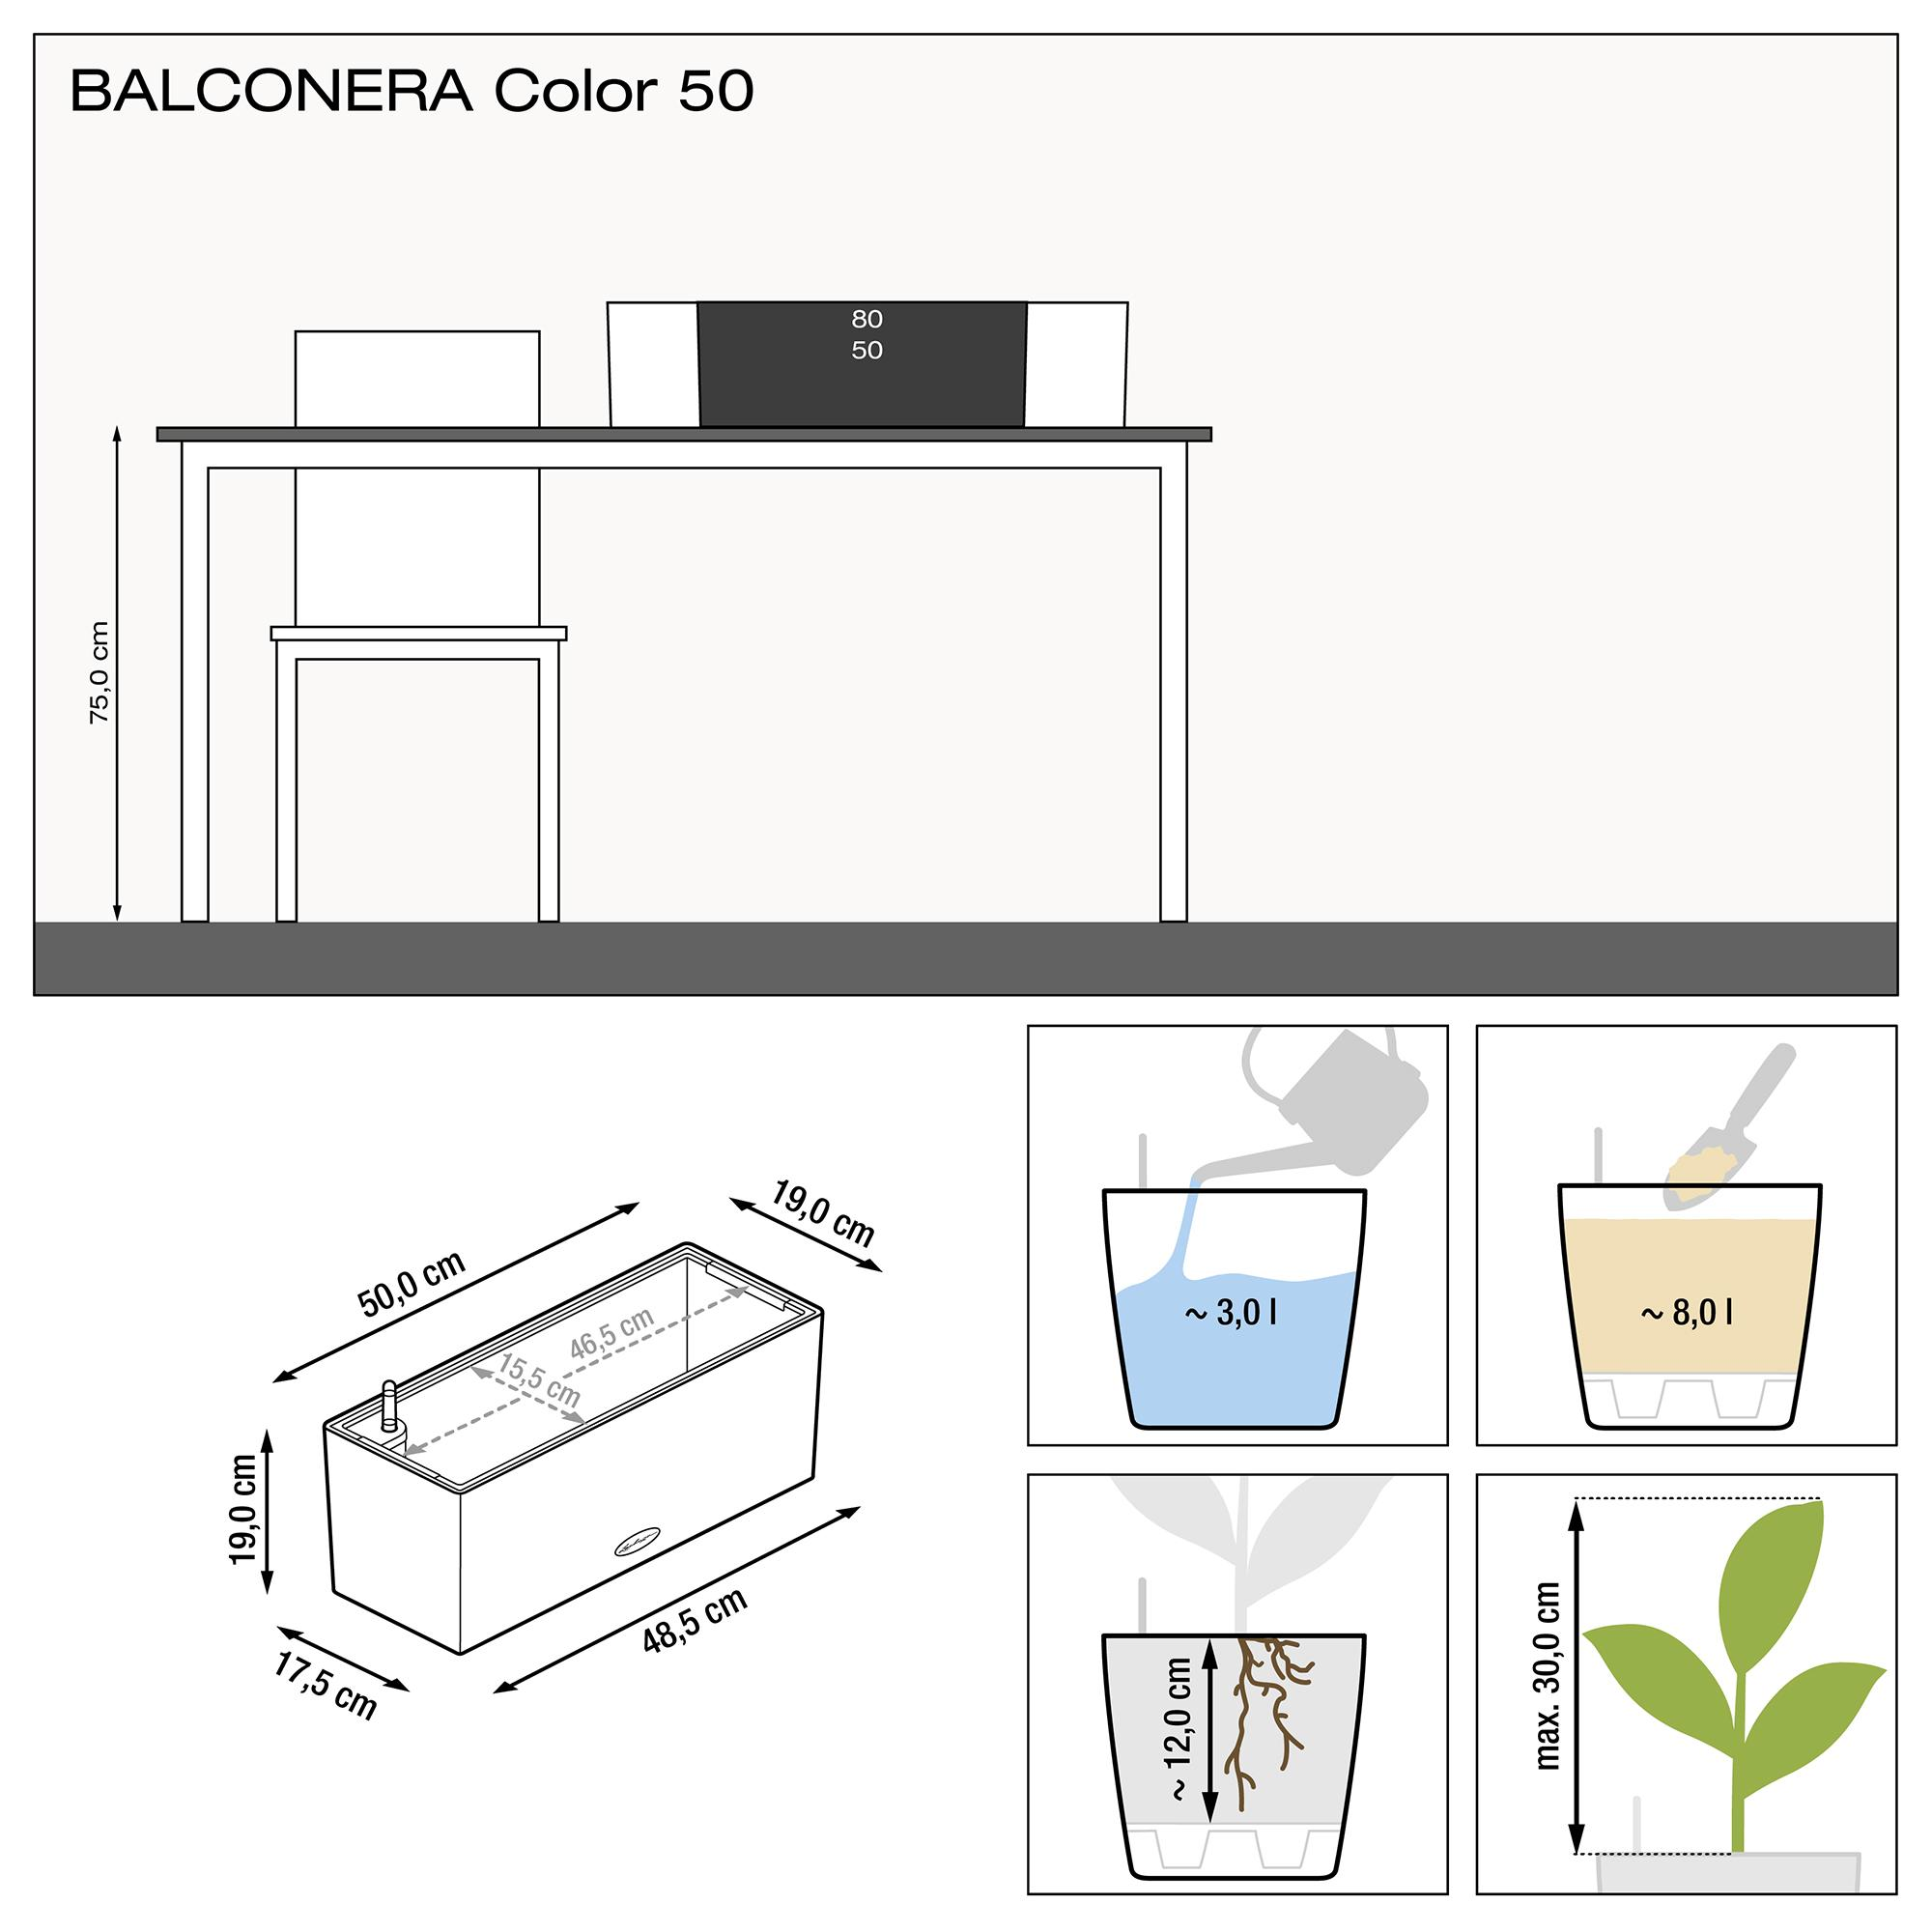 BALCONERA Color 50 gris ardoise - Image 3